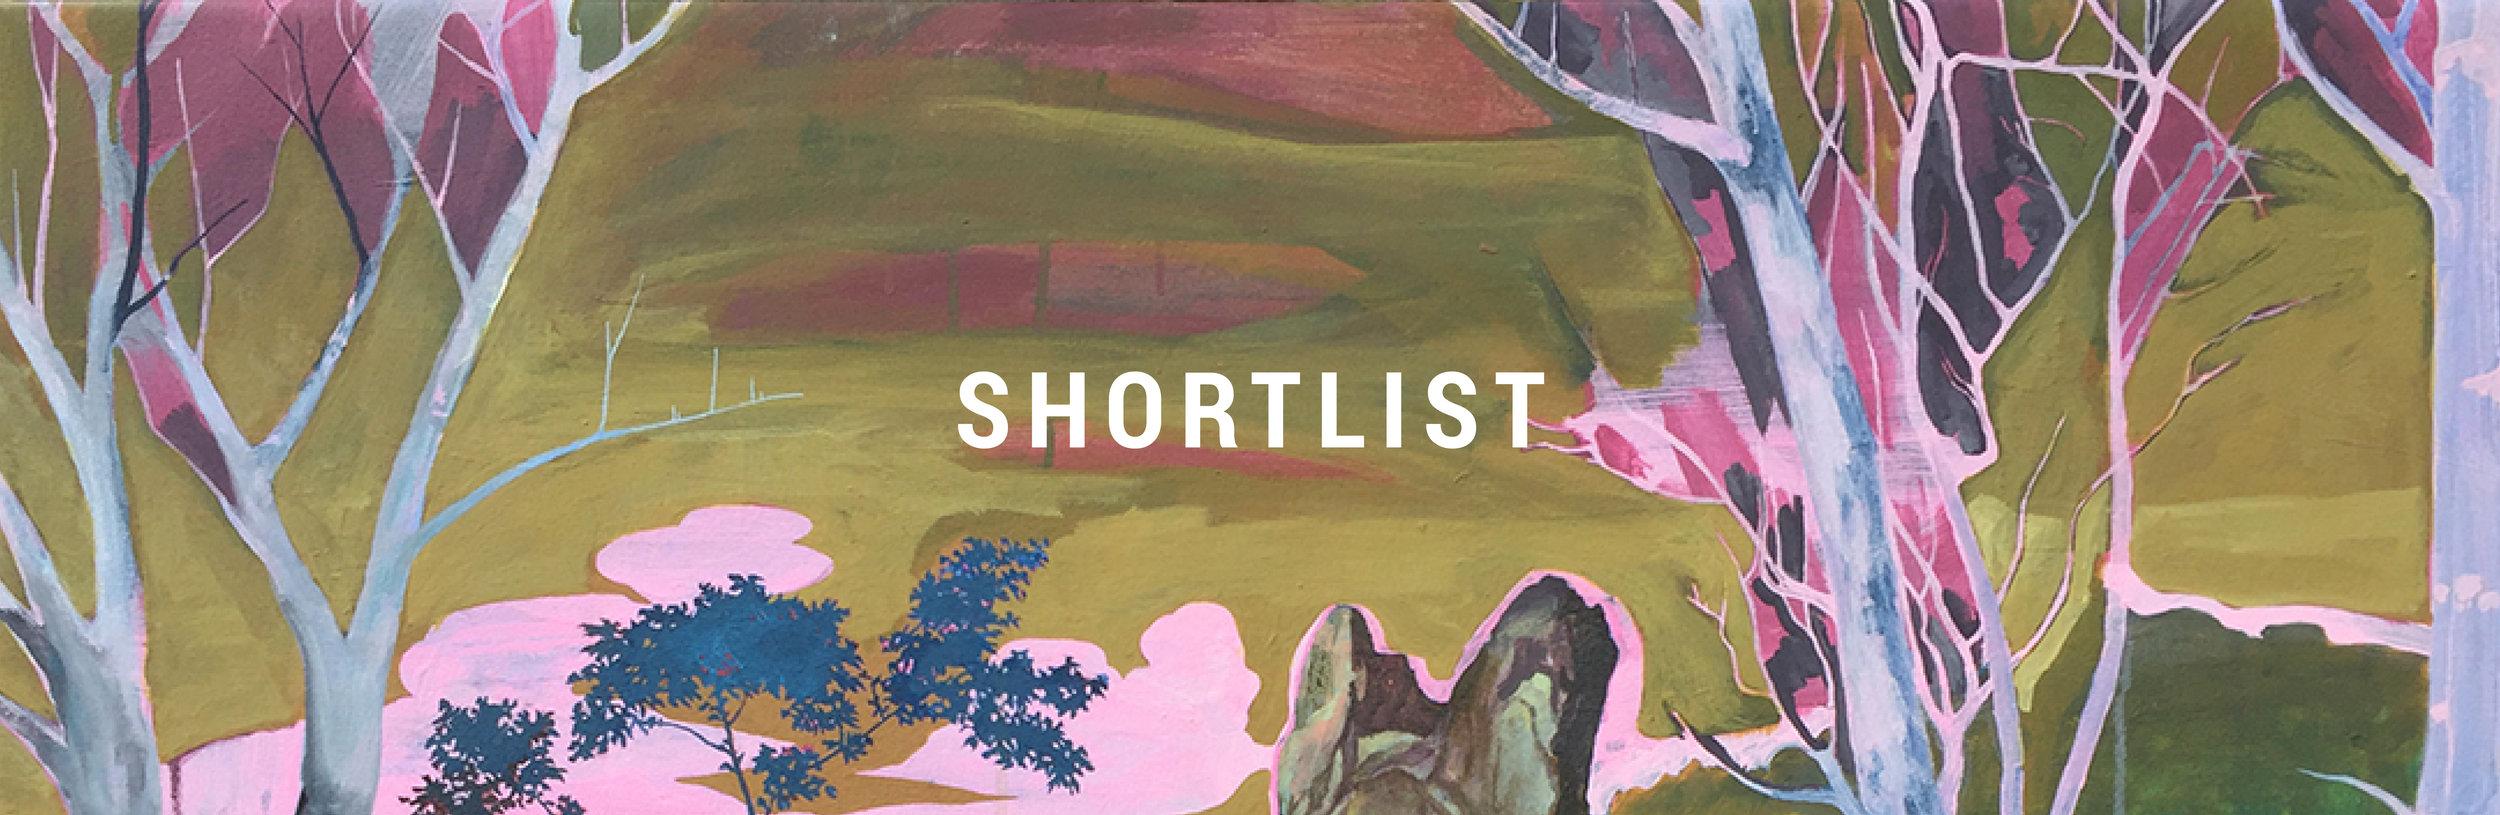 Shortlist Button JOPP Website.jpg